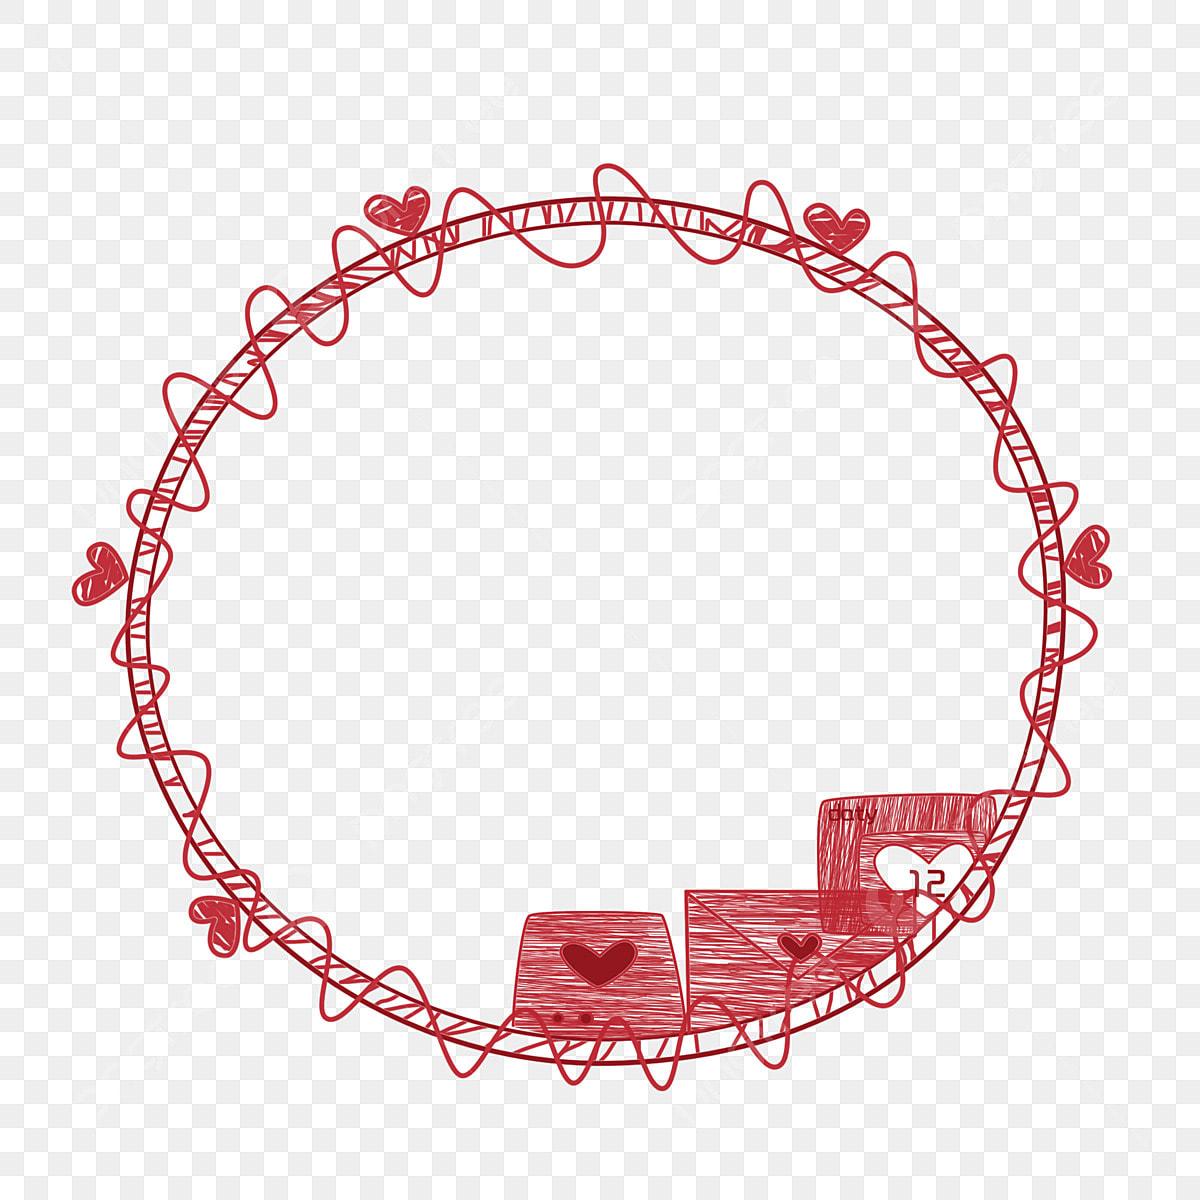 Estructura Metálica Roja Dibujado A Mano Alambre Alambre